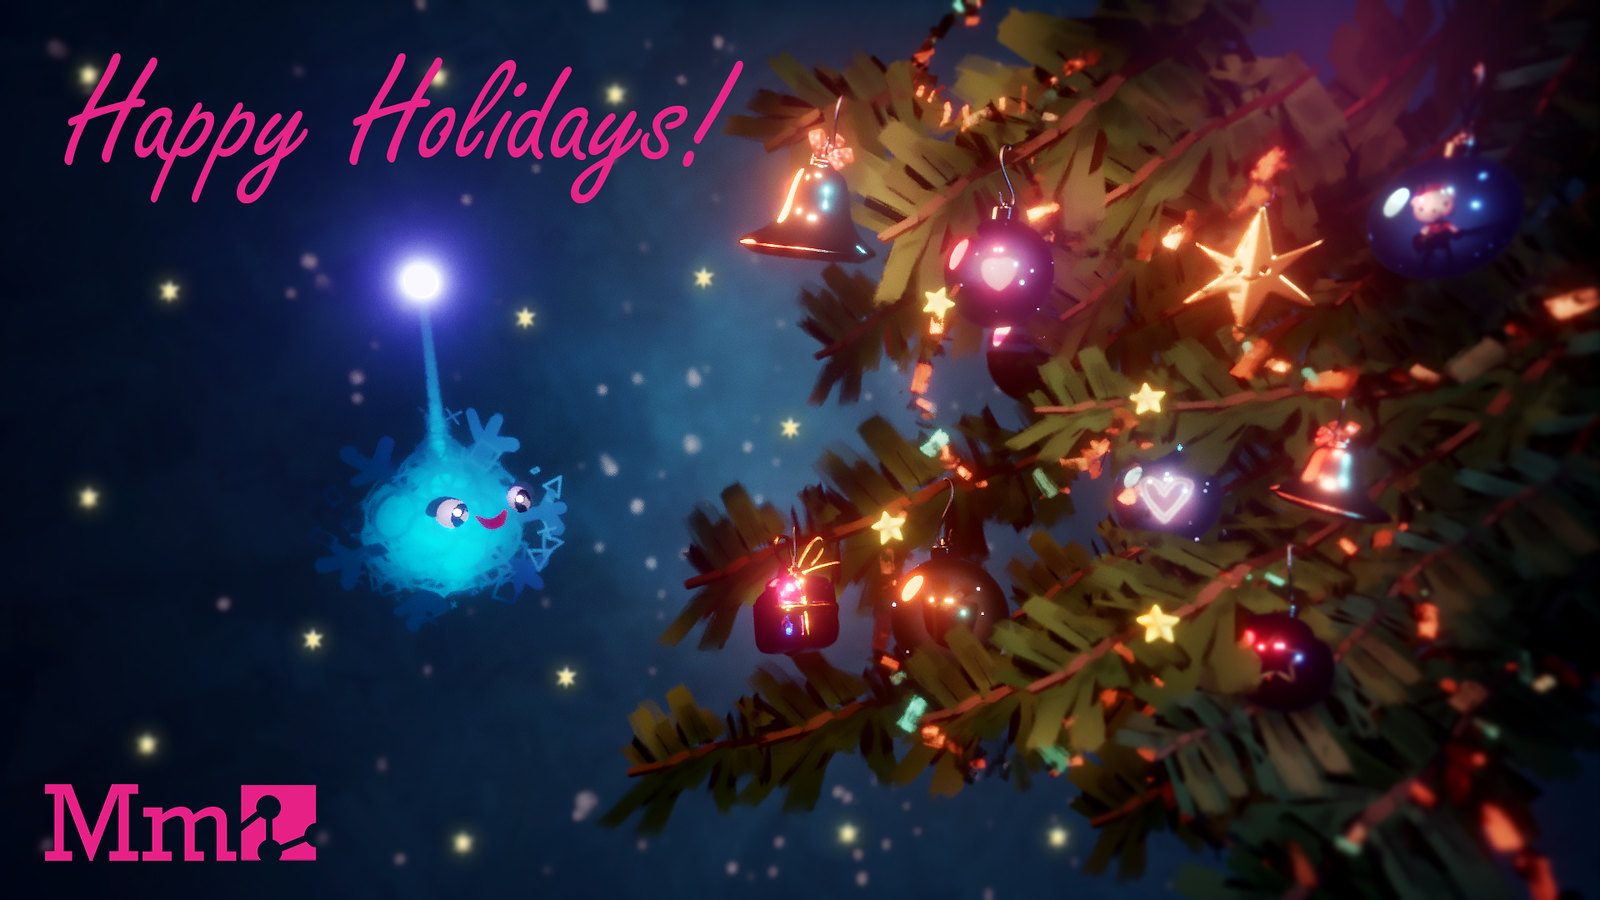 Новогодние поздравления от издателей и разработчиков